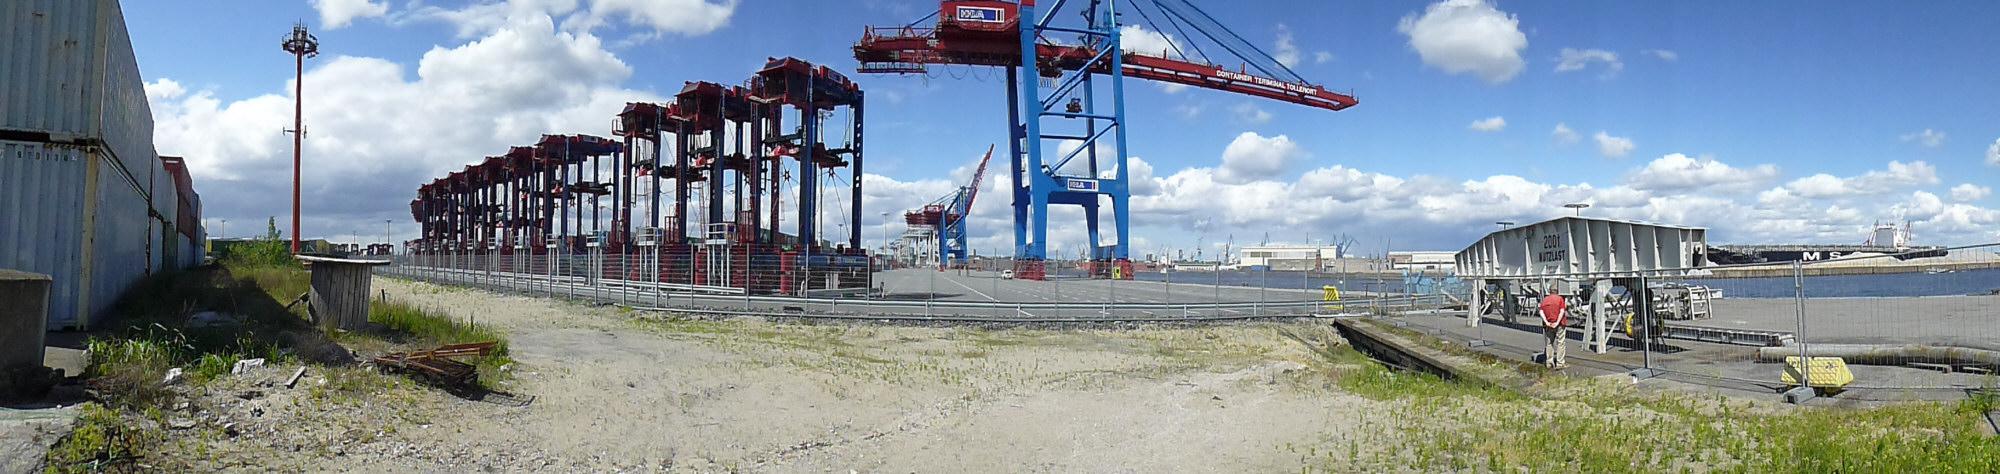 Container-Terminal Tollerort. 2012